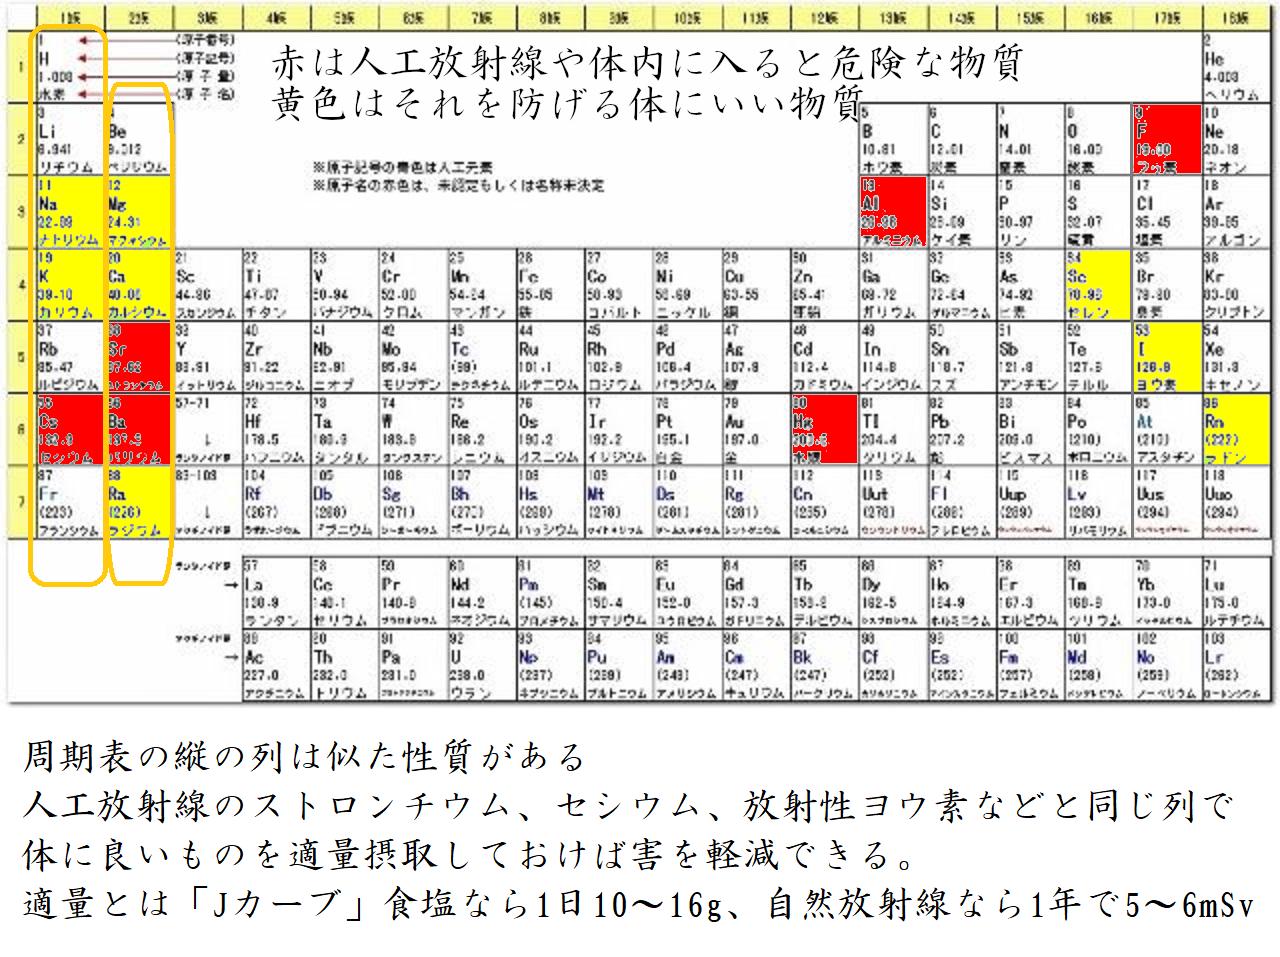 周期表 縦の列で人工放射線の害を軽減できる 人工放射線赤色 危険な物質も